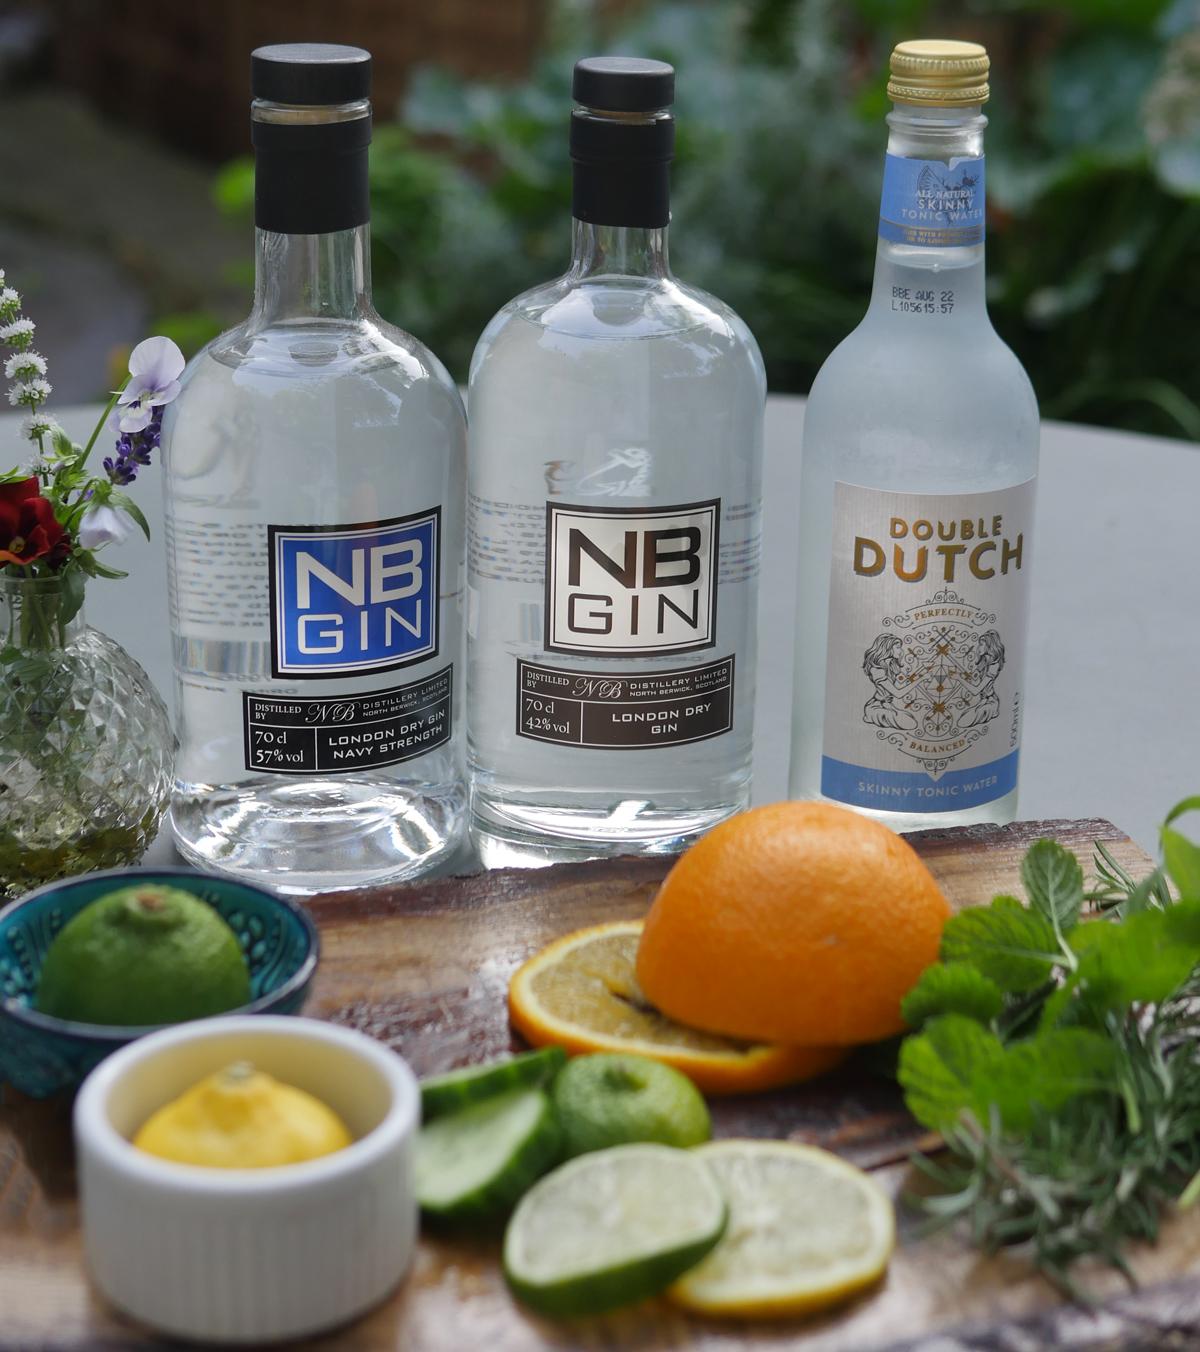 Gin Garnishes for NB Gin